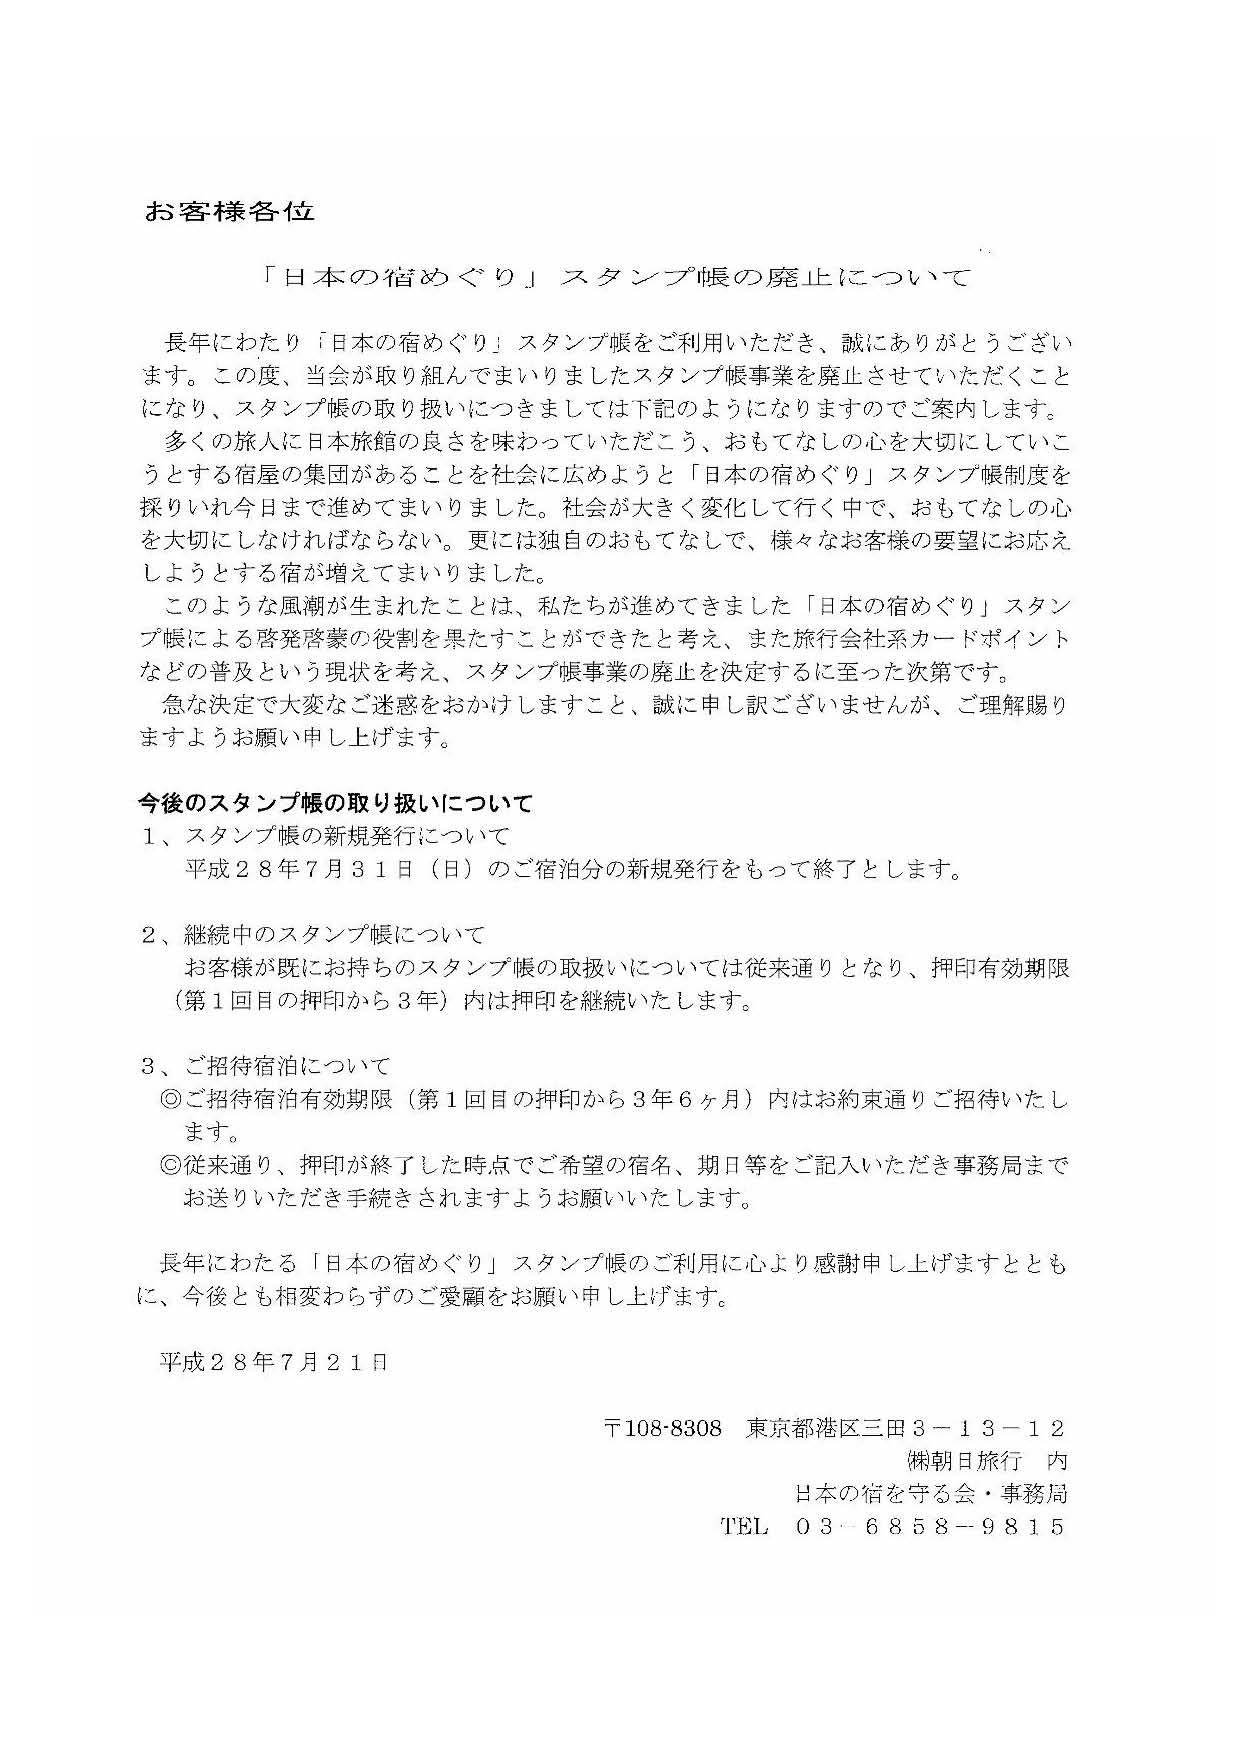 http://www.senkyou.jp/news/%E6%97%A5%E6%9C%AC%E3%81%AE%E5%AE%BF%E3%82%81%E3%81%90%E3%82%8A.jpg